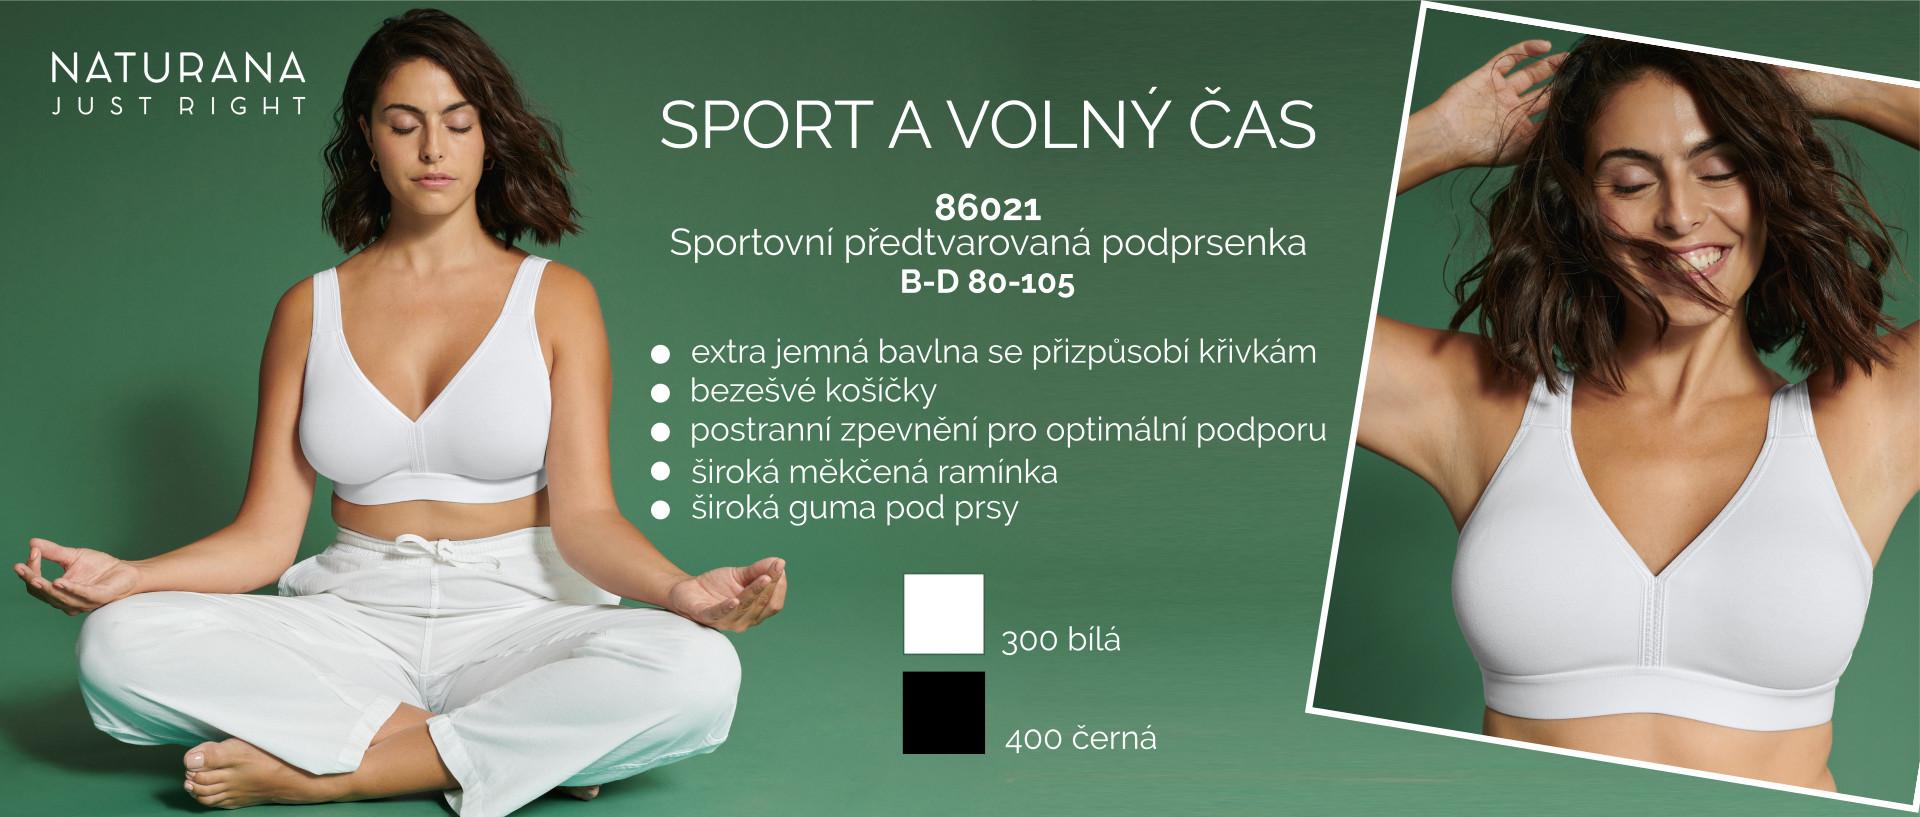 Sportovní podprsenka 86021 Naturana